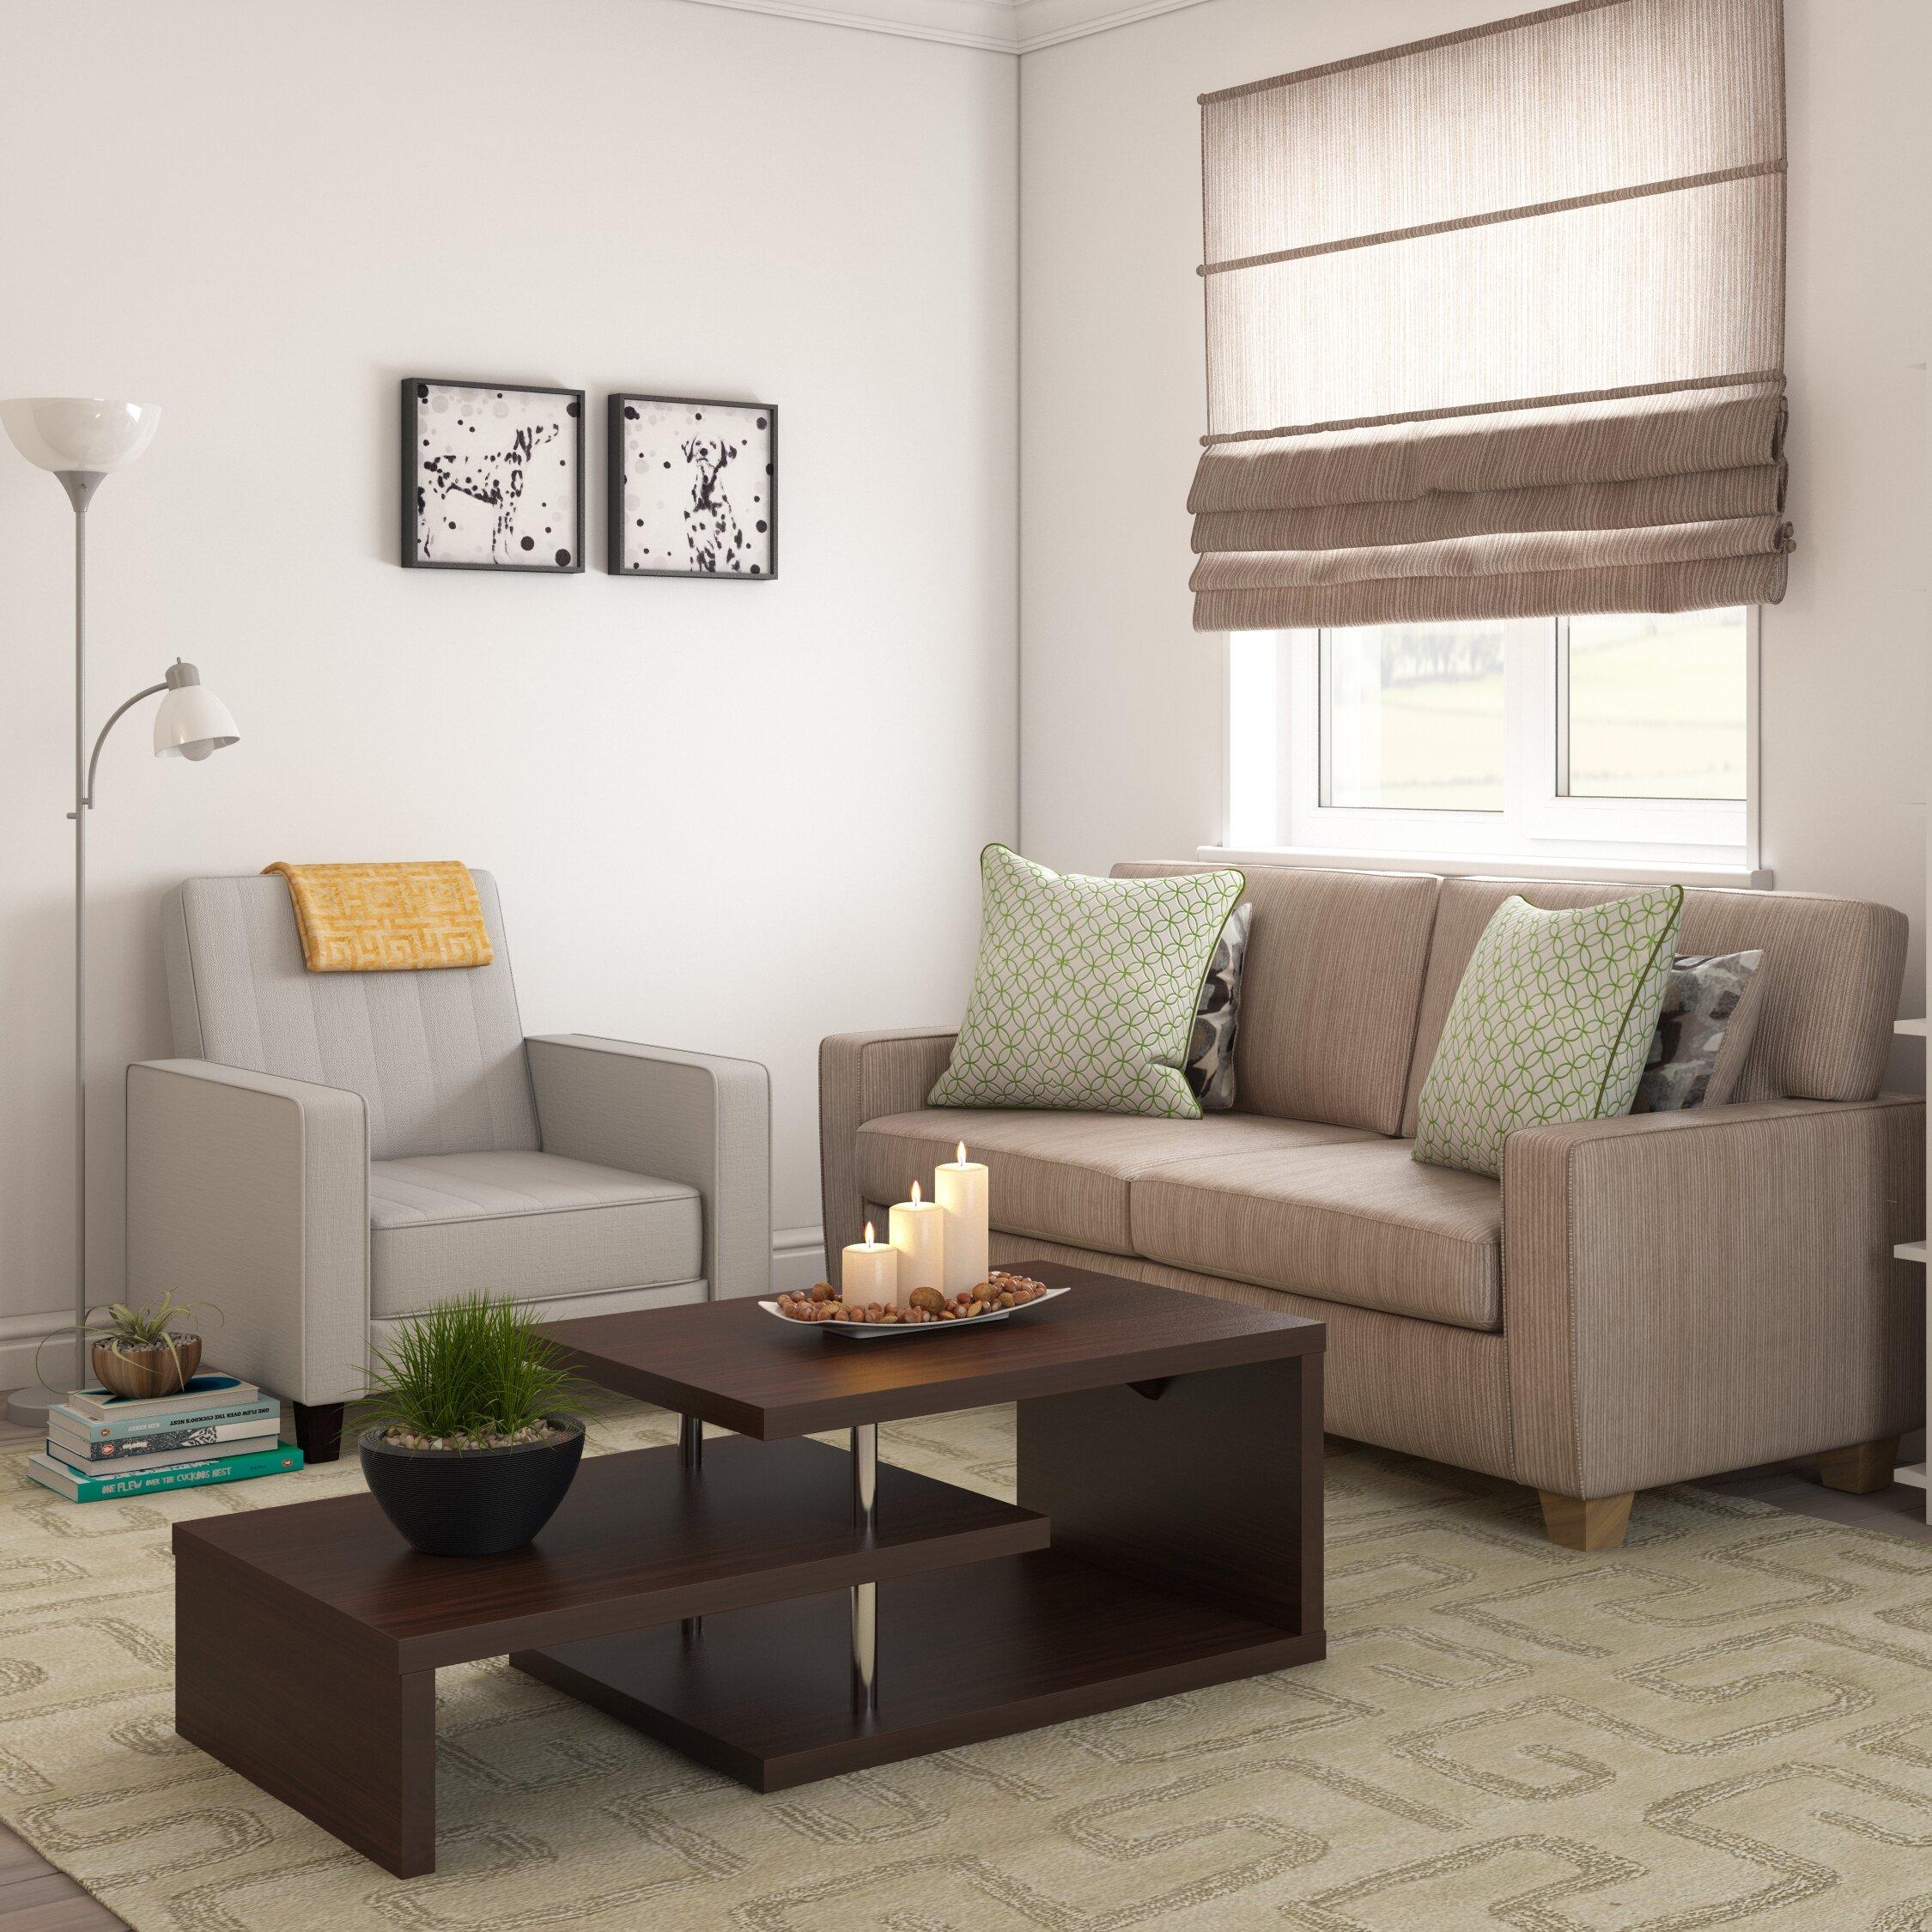 Zipcode Design 71 65 Quot Torchiere Floor Lamp With Reading